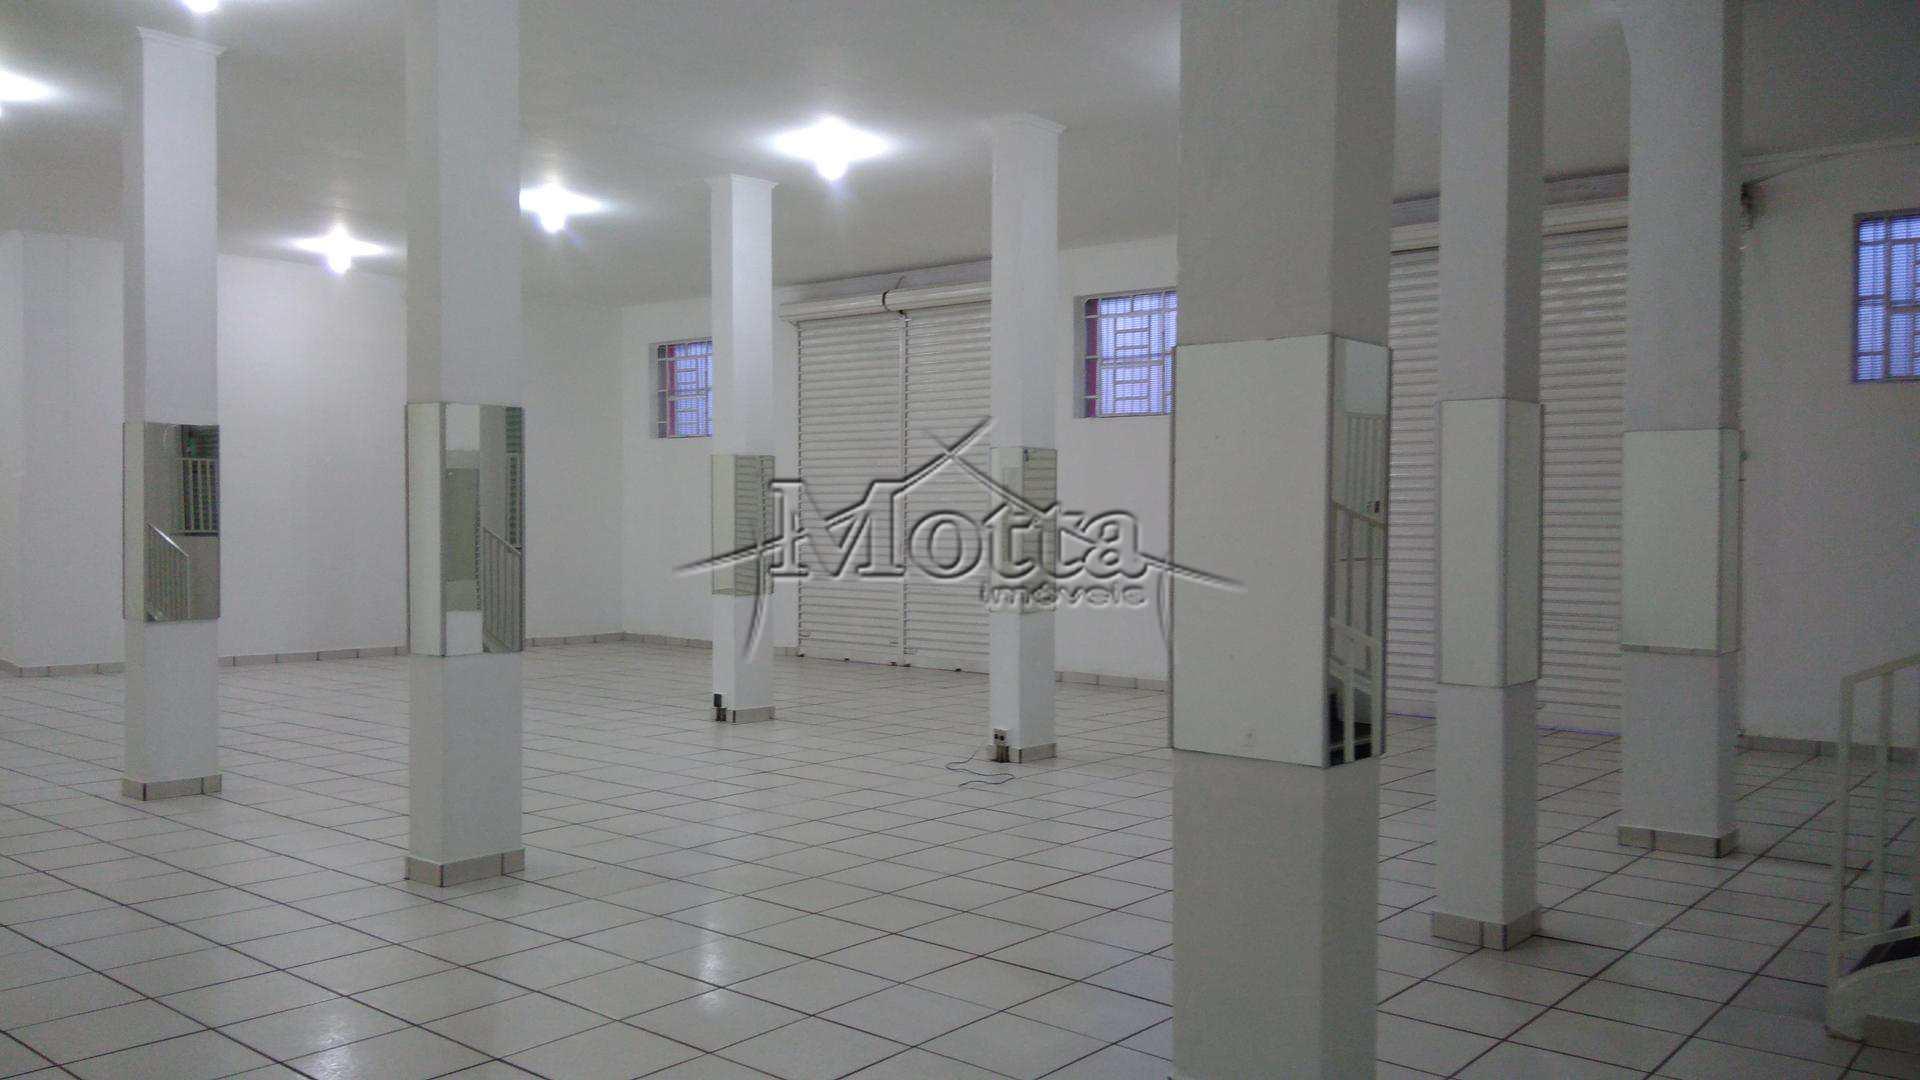 Sala, Lavabo, Deposito, 300m², Centro - Cod: 970